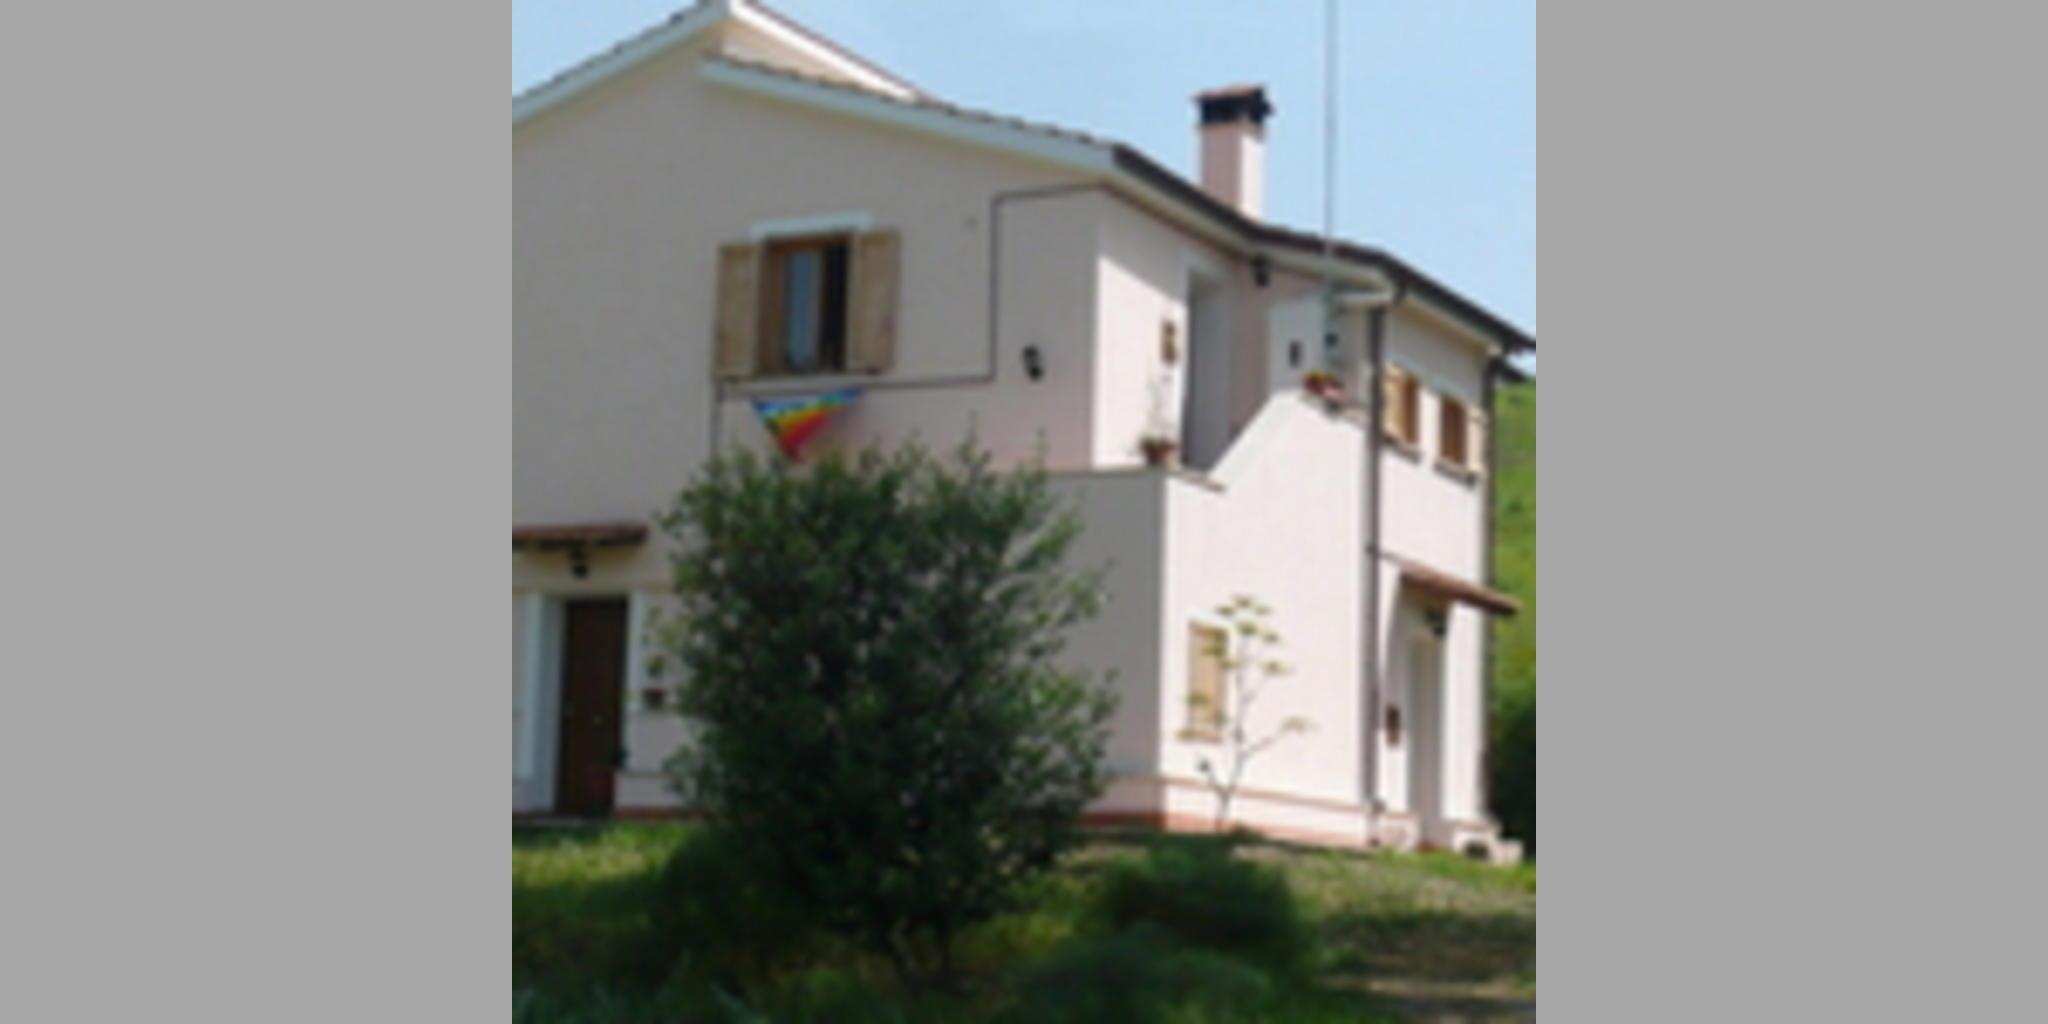 Apartment Tarquinia - Tarquinia